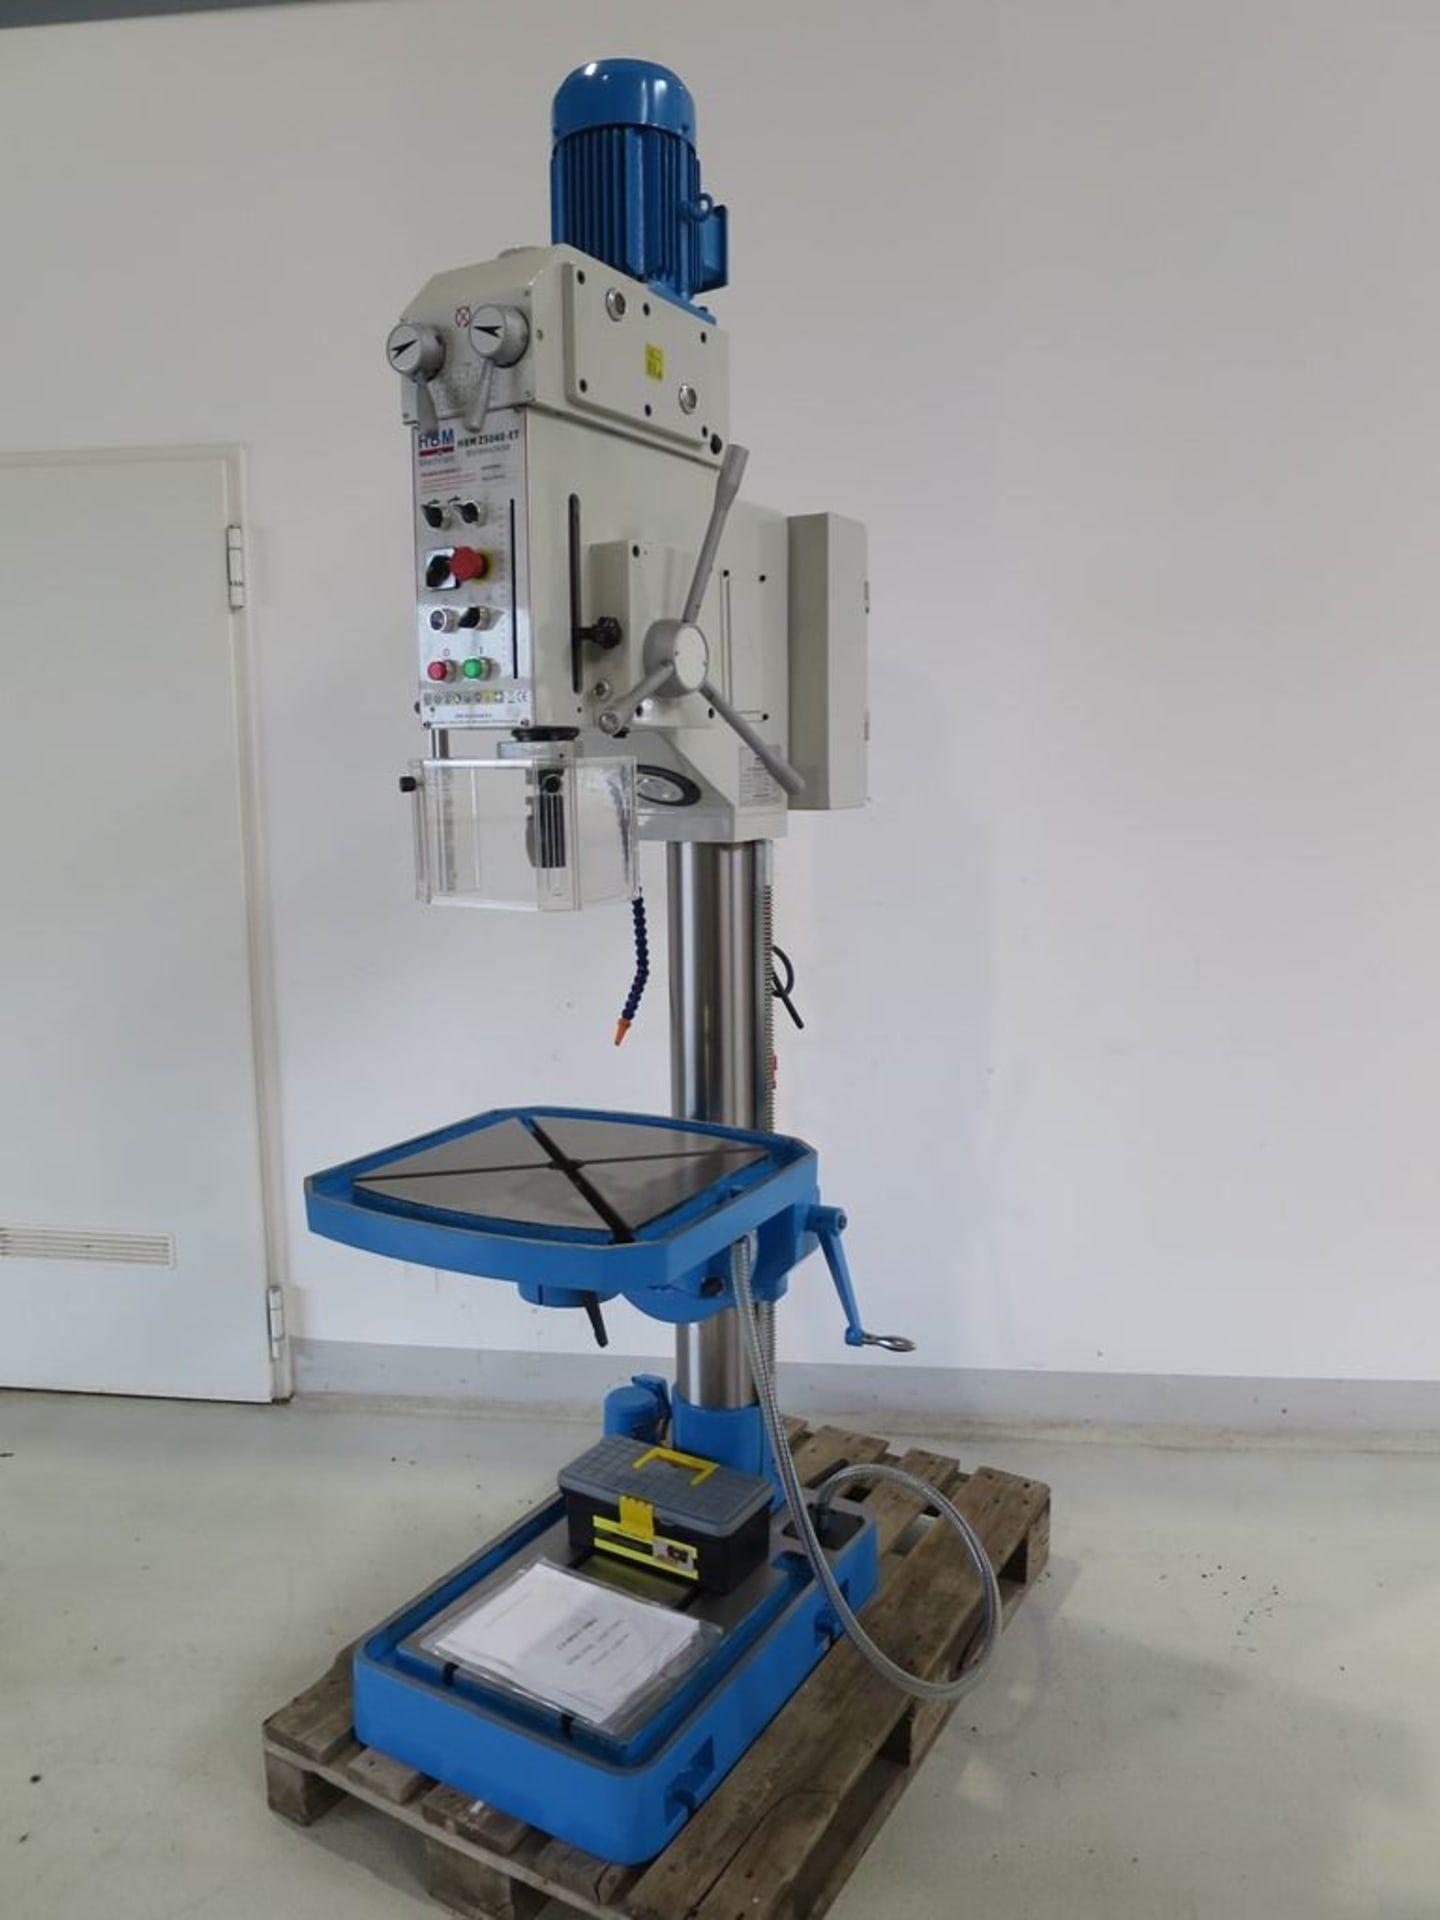 HBM 5040 Säulenbohrmaschine